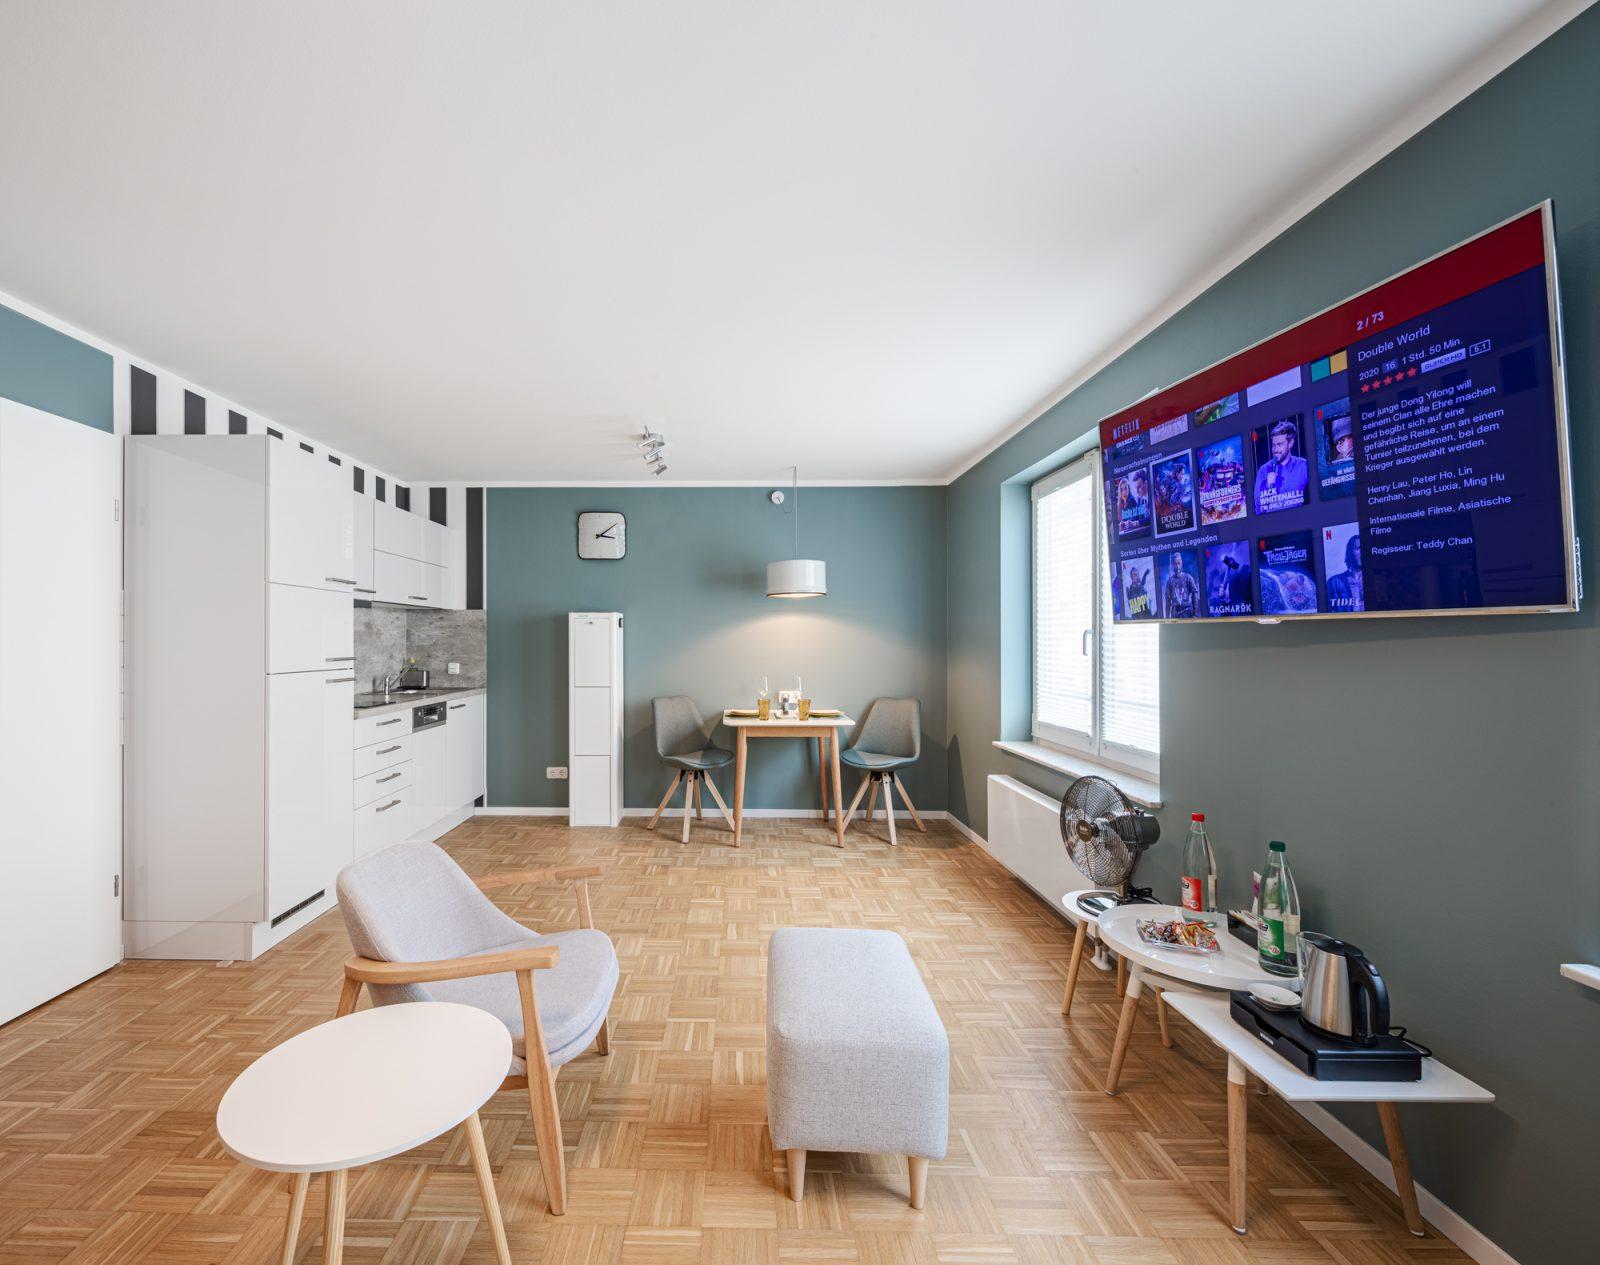 AIRBNB Wohnung Dresden - Interiorfotografie Ken Wagner